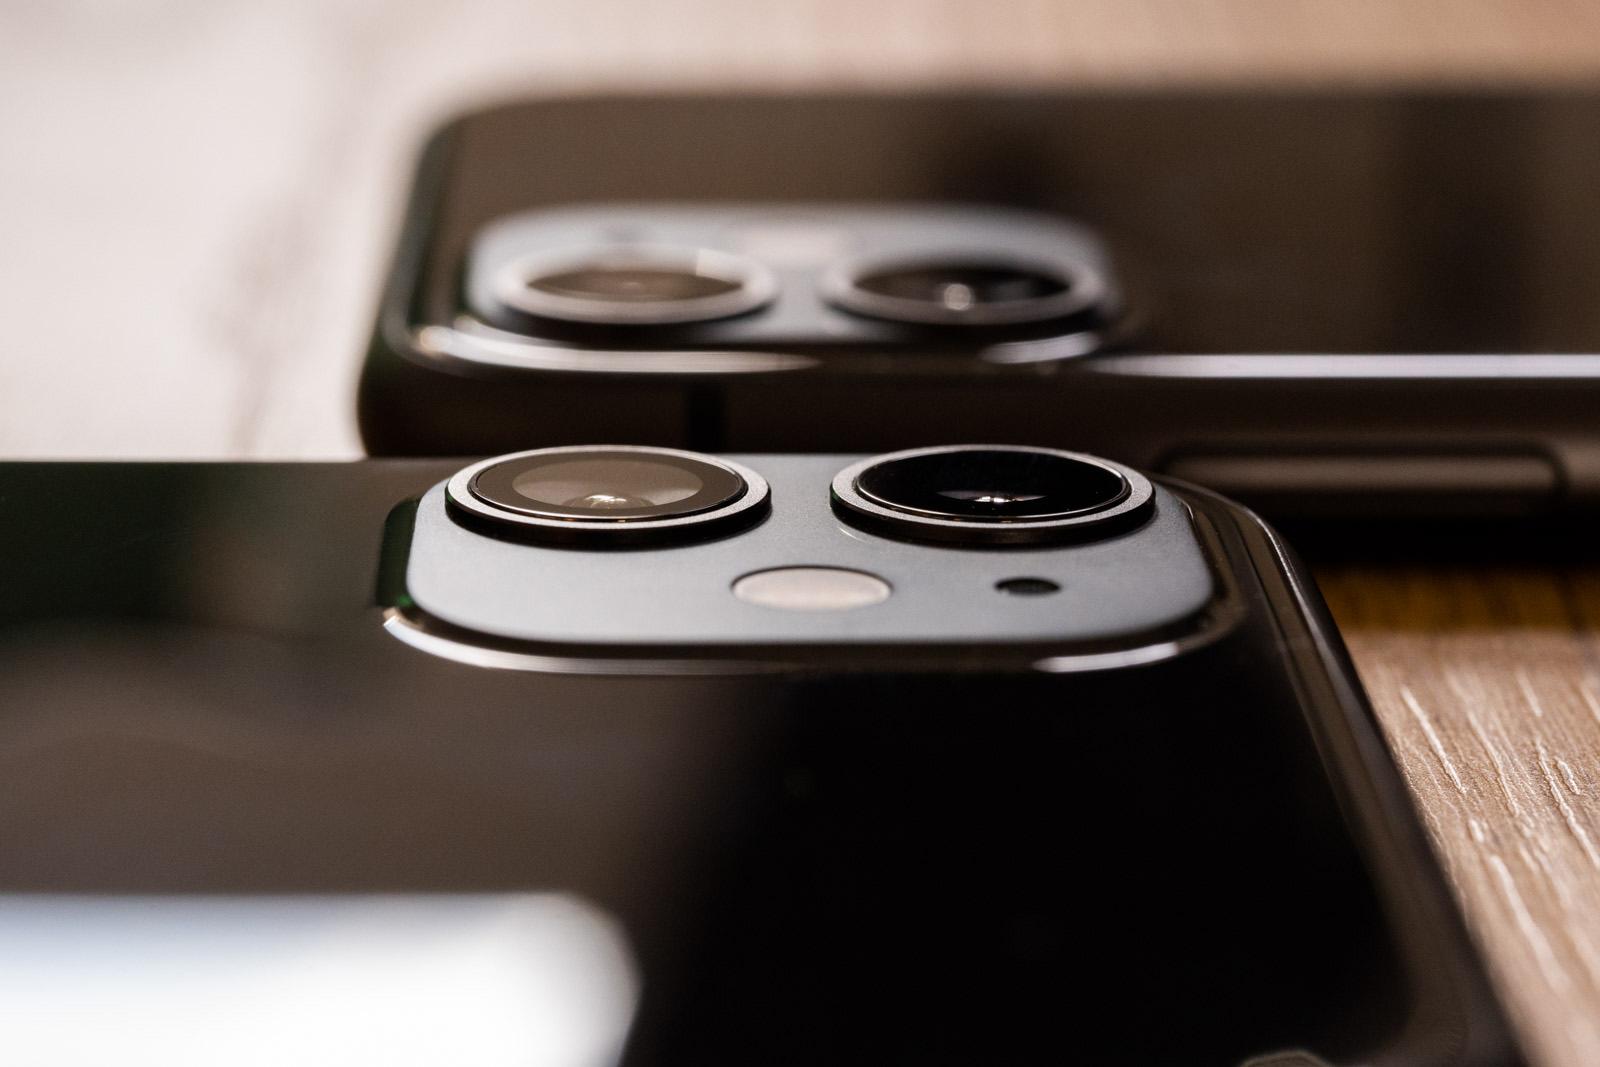 IPhones berriak kamera hobeagoarekin. Apple enpresa bat erosi zuen infragorriko argazkietatik